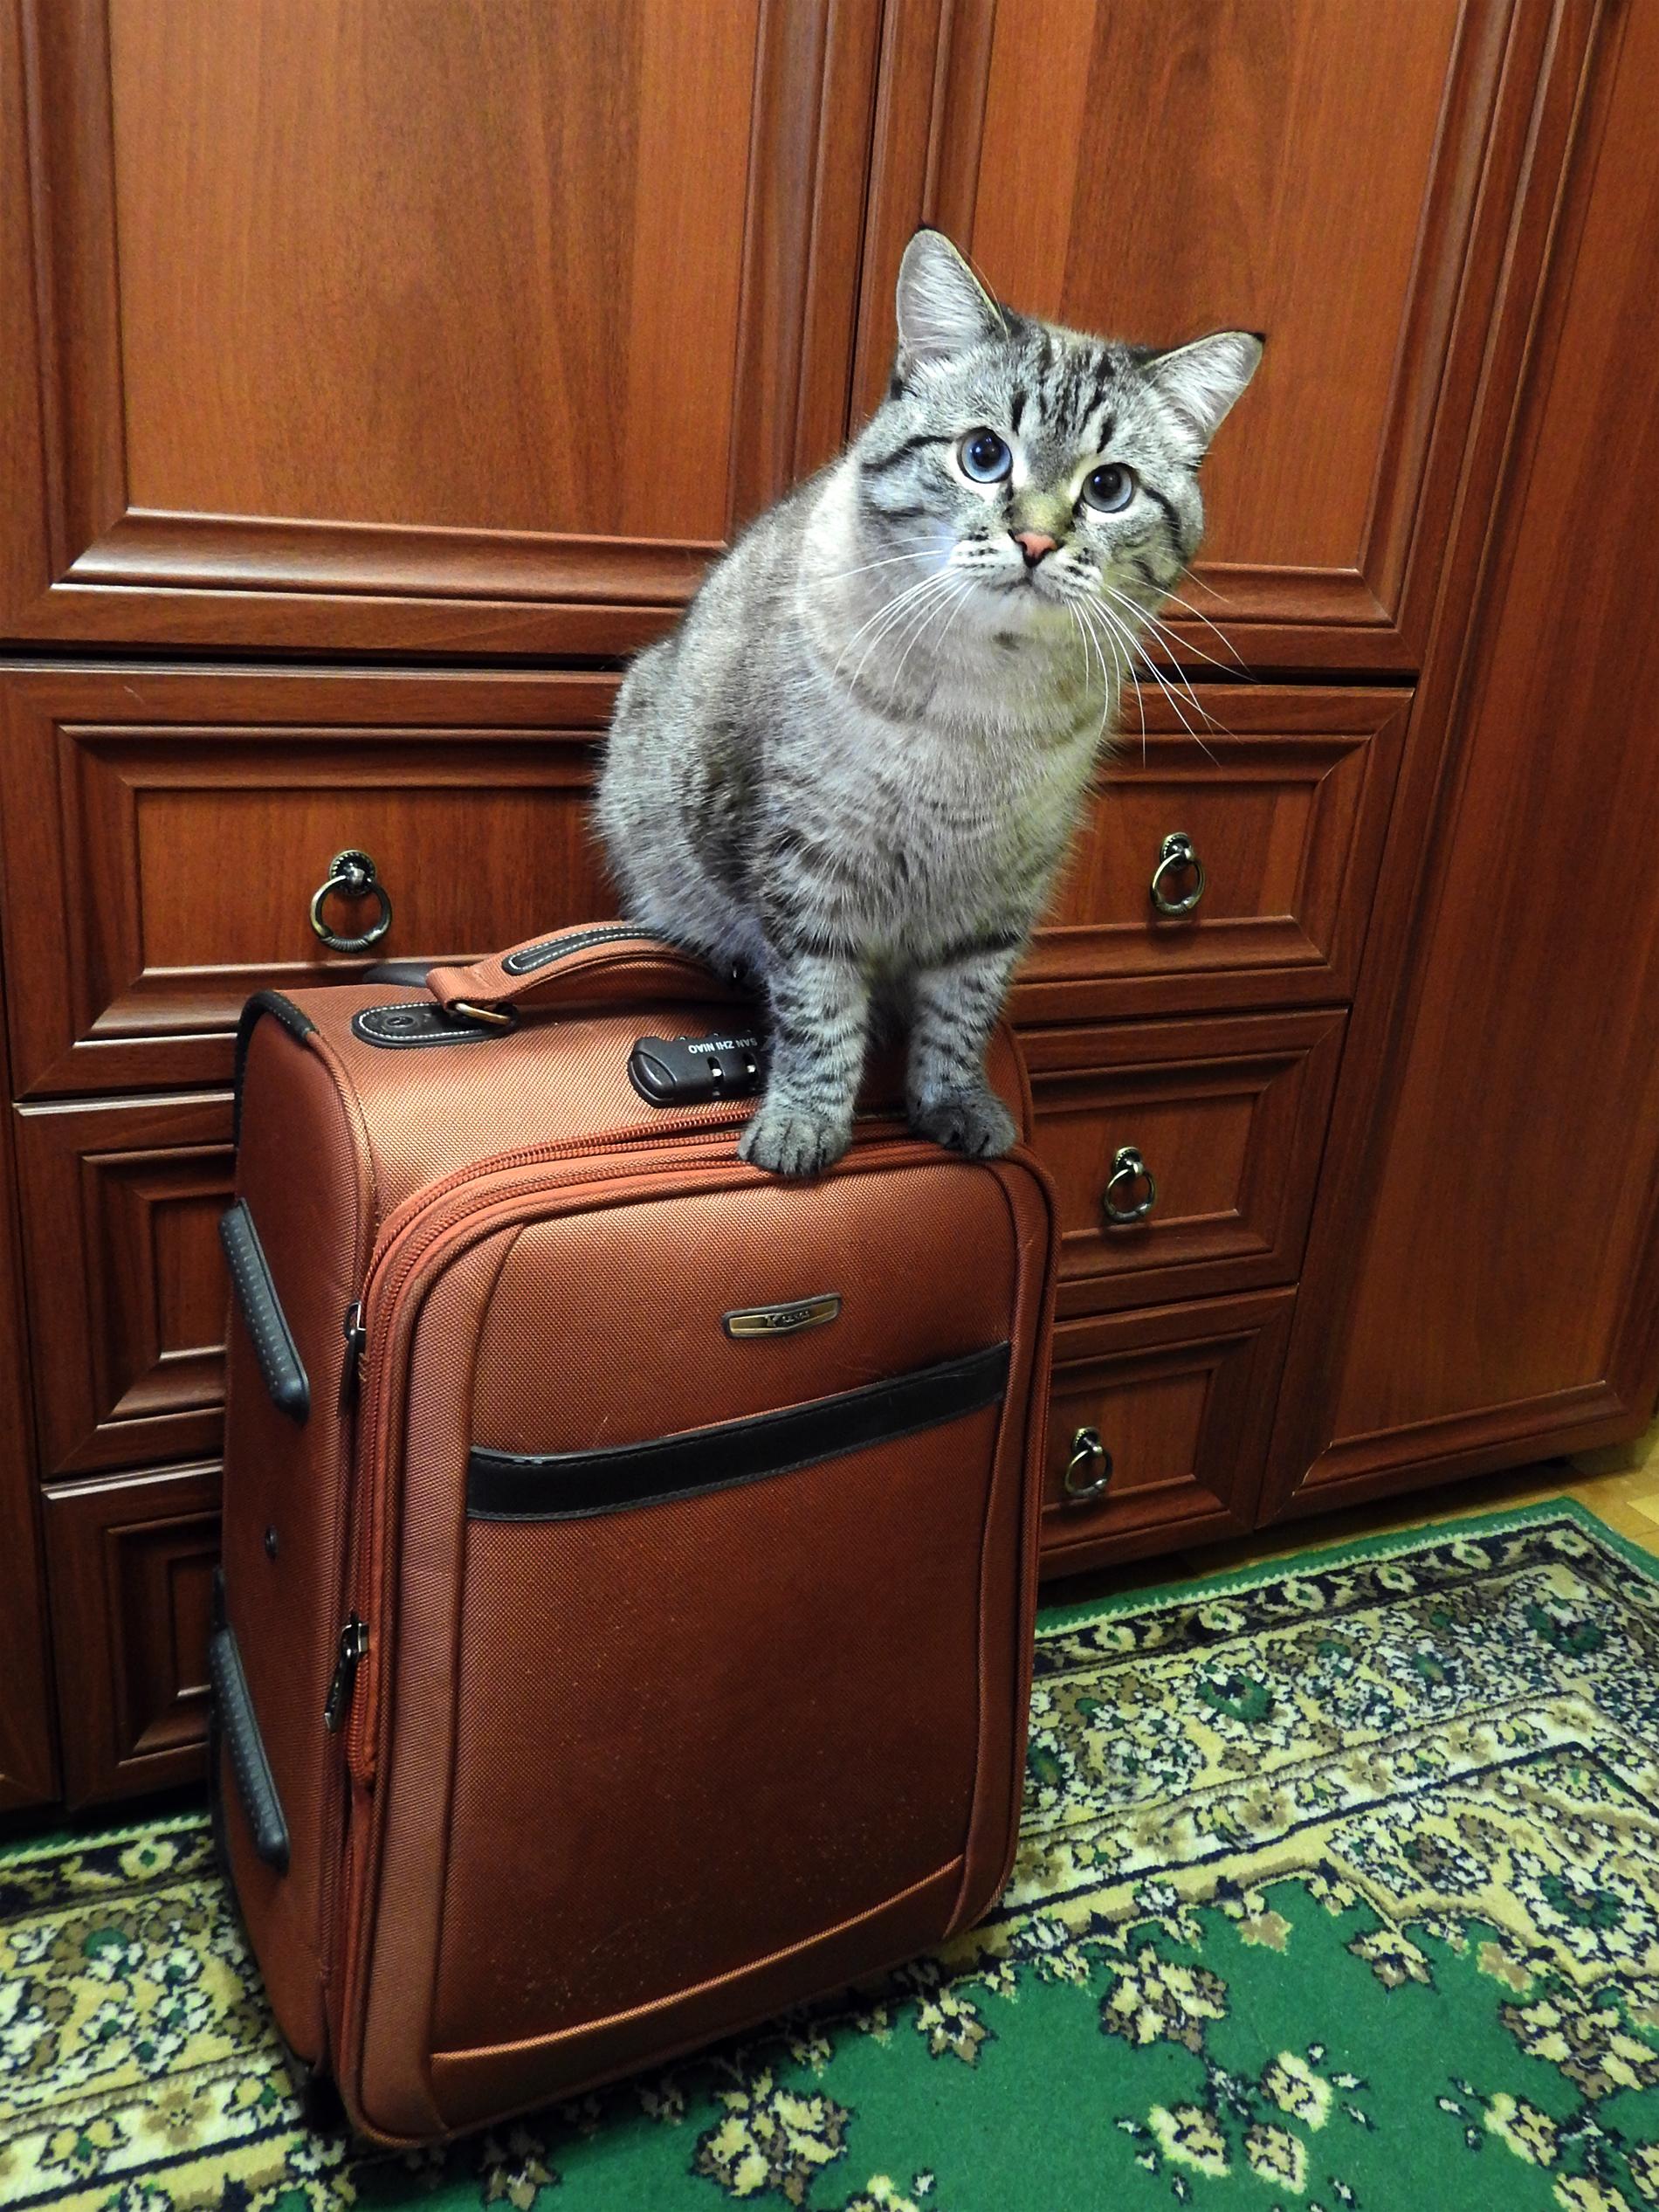 Видавший виды и кошачьи когти чемоданчик